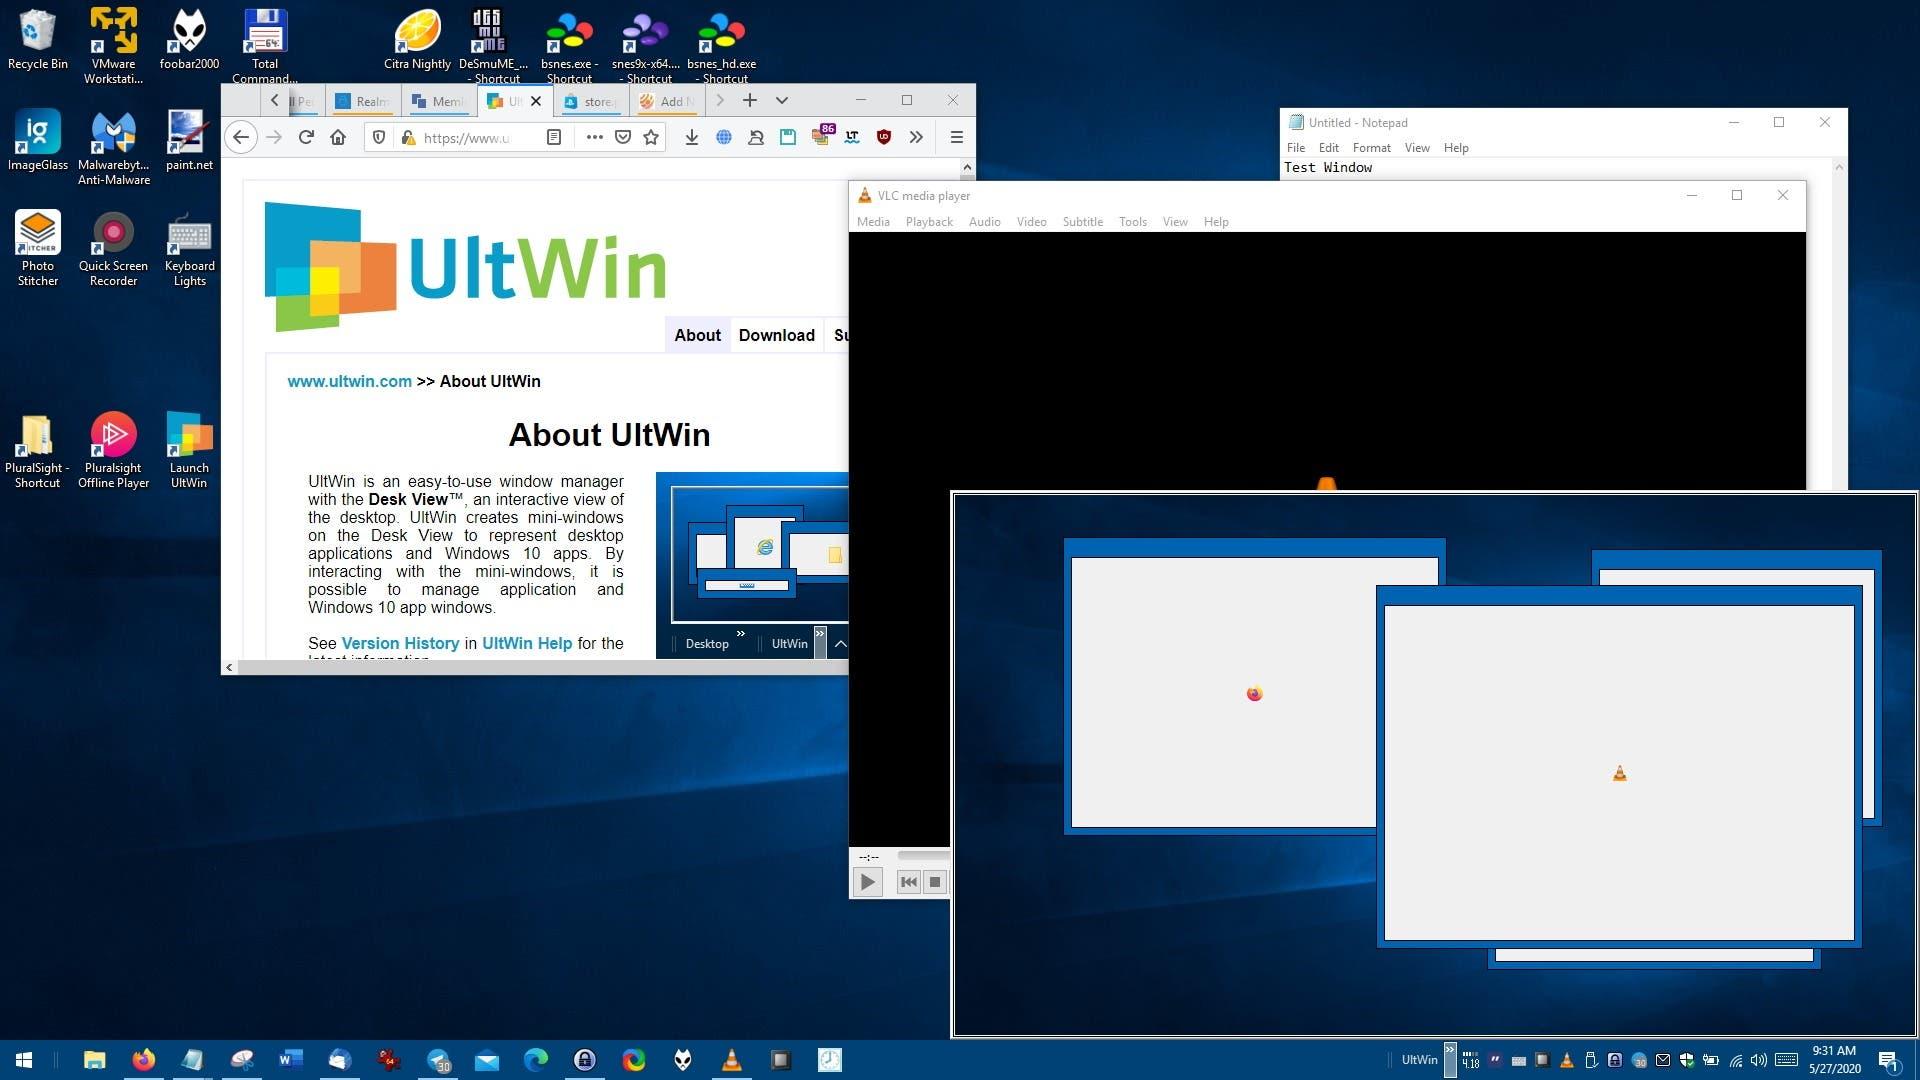 UltWin es un gestor de ventanas gratuito que puede ayudarte a organizar tu escritorio